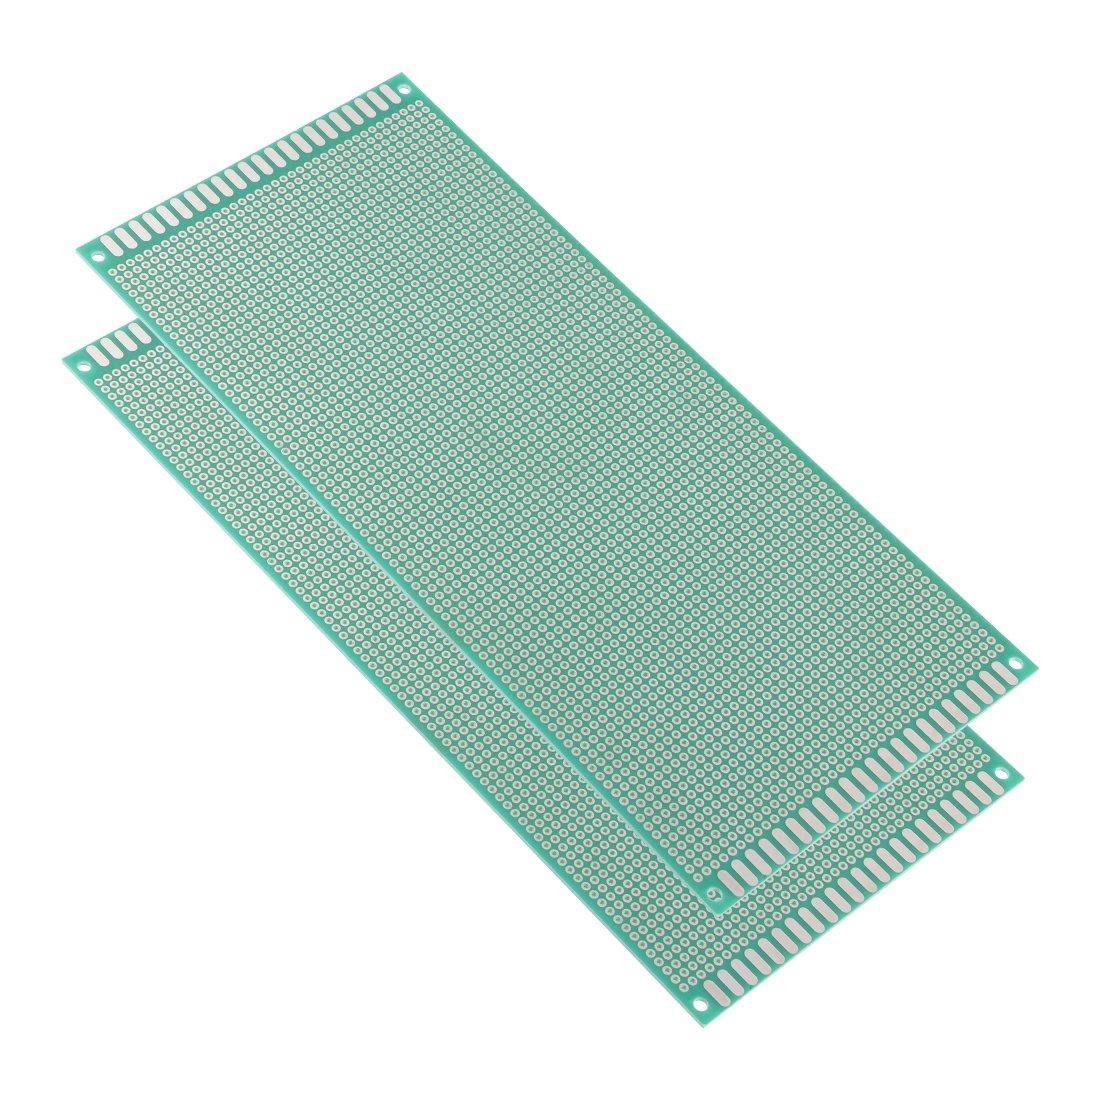 Sourcingmap grosor de 1,6 mm, 2 unidades, 10 x 22 cm Placa de circuito impreso universal para soldadura color verde